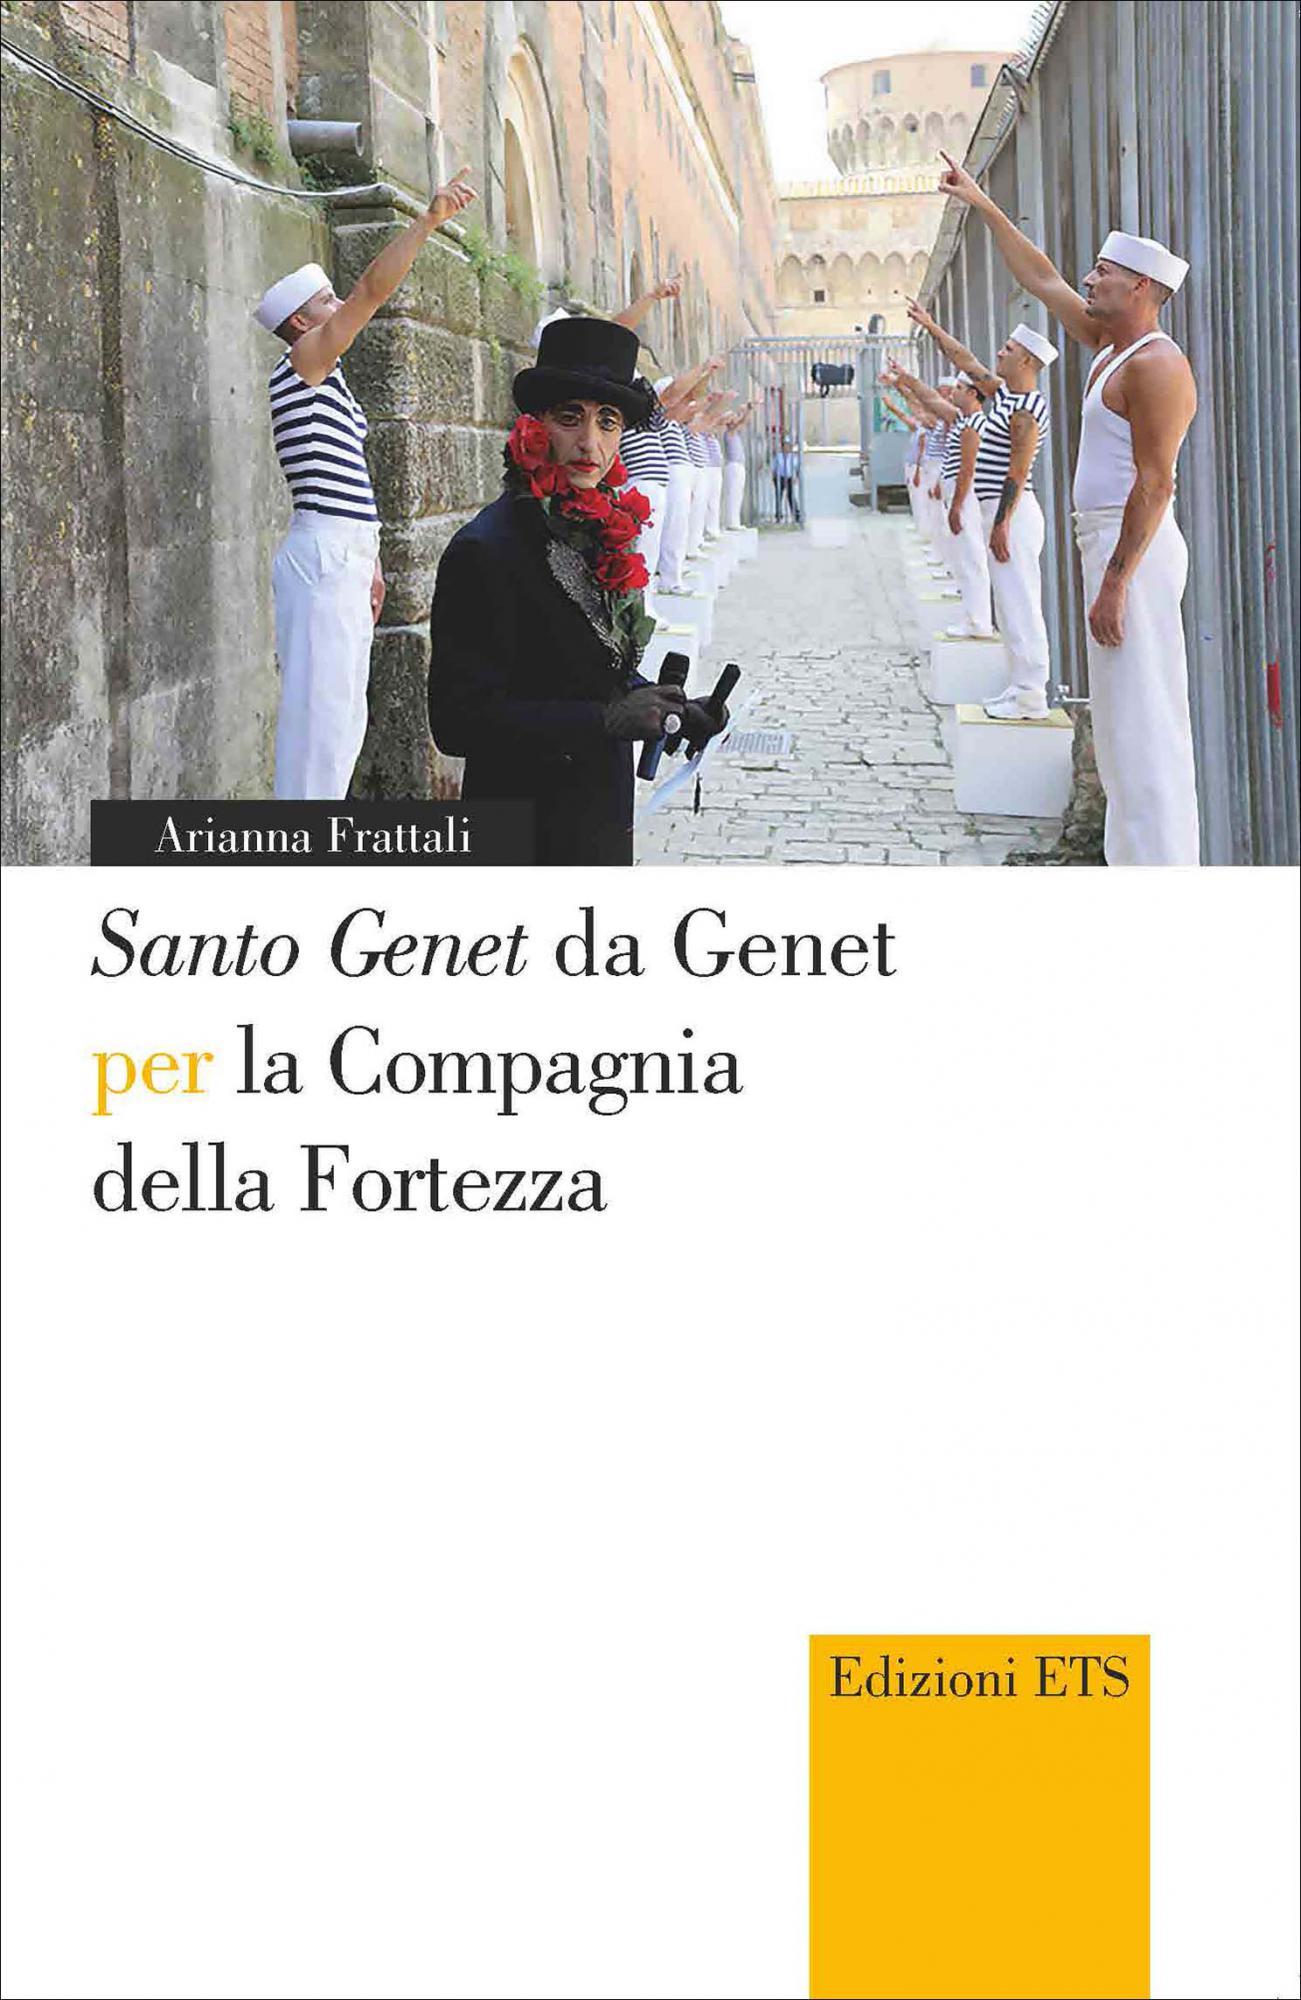 SANTO GENET DA GENET PER LA COMPAGNIA DELLA FORTEZZA